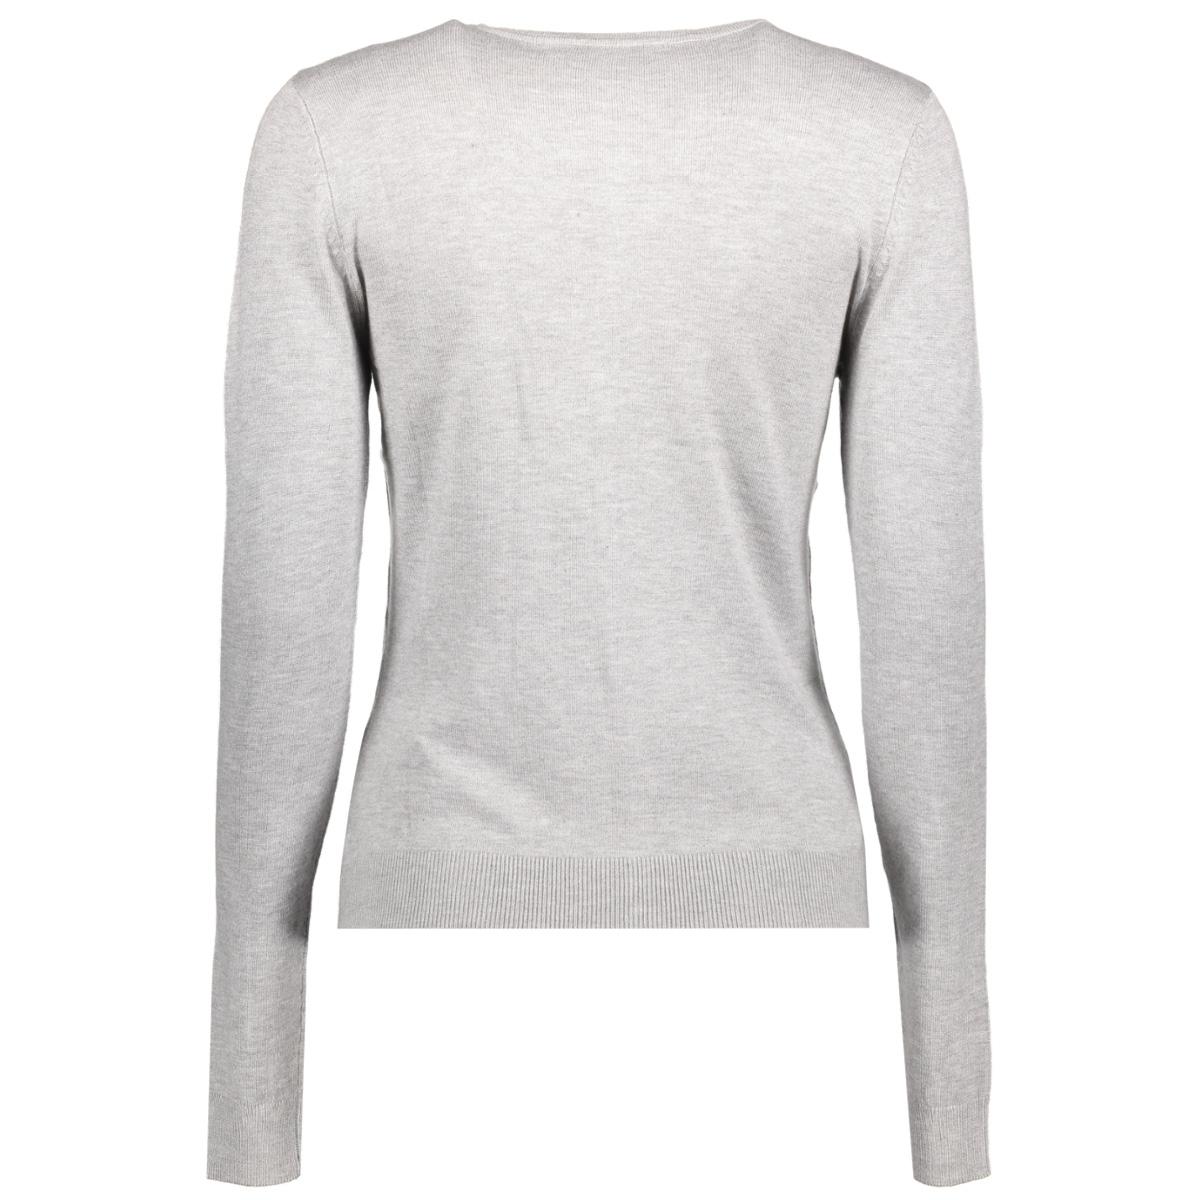 onlbella l/s button cardigan knt 15121982 only vest light grey melange